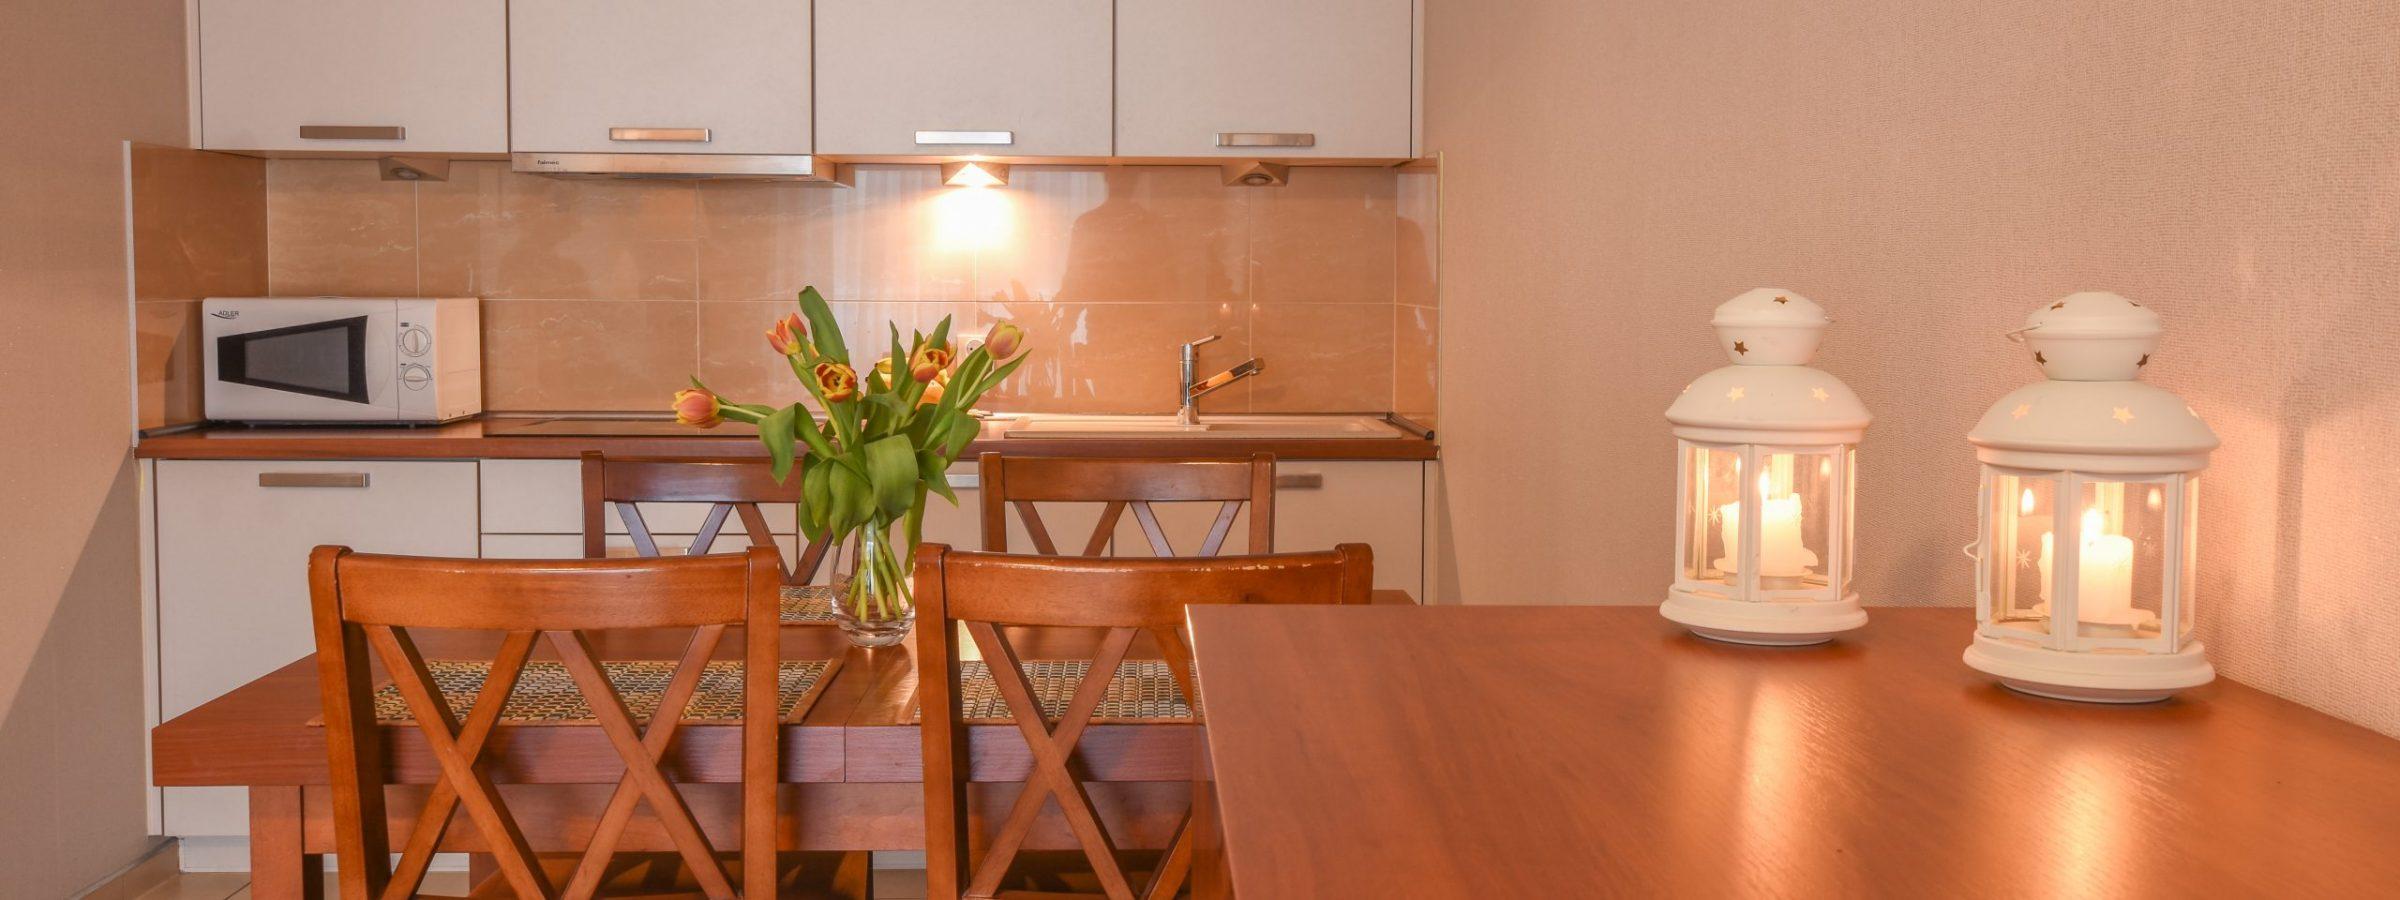 Apartament Aquarius107 - Promenada Apartamenty 9